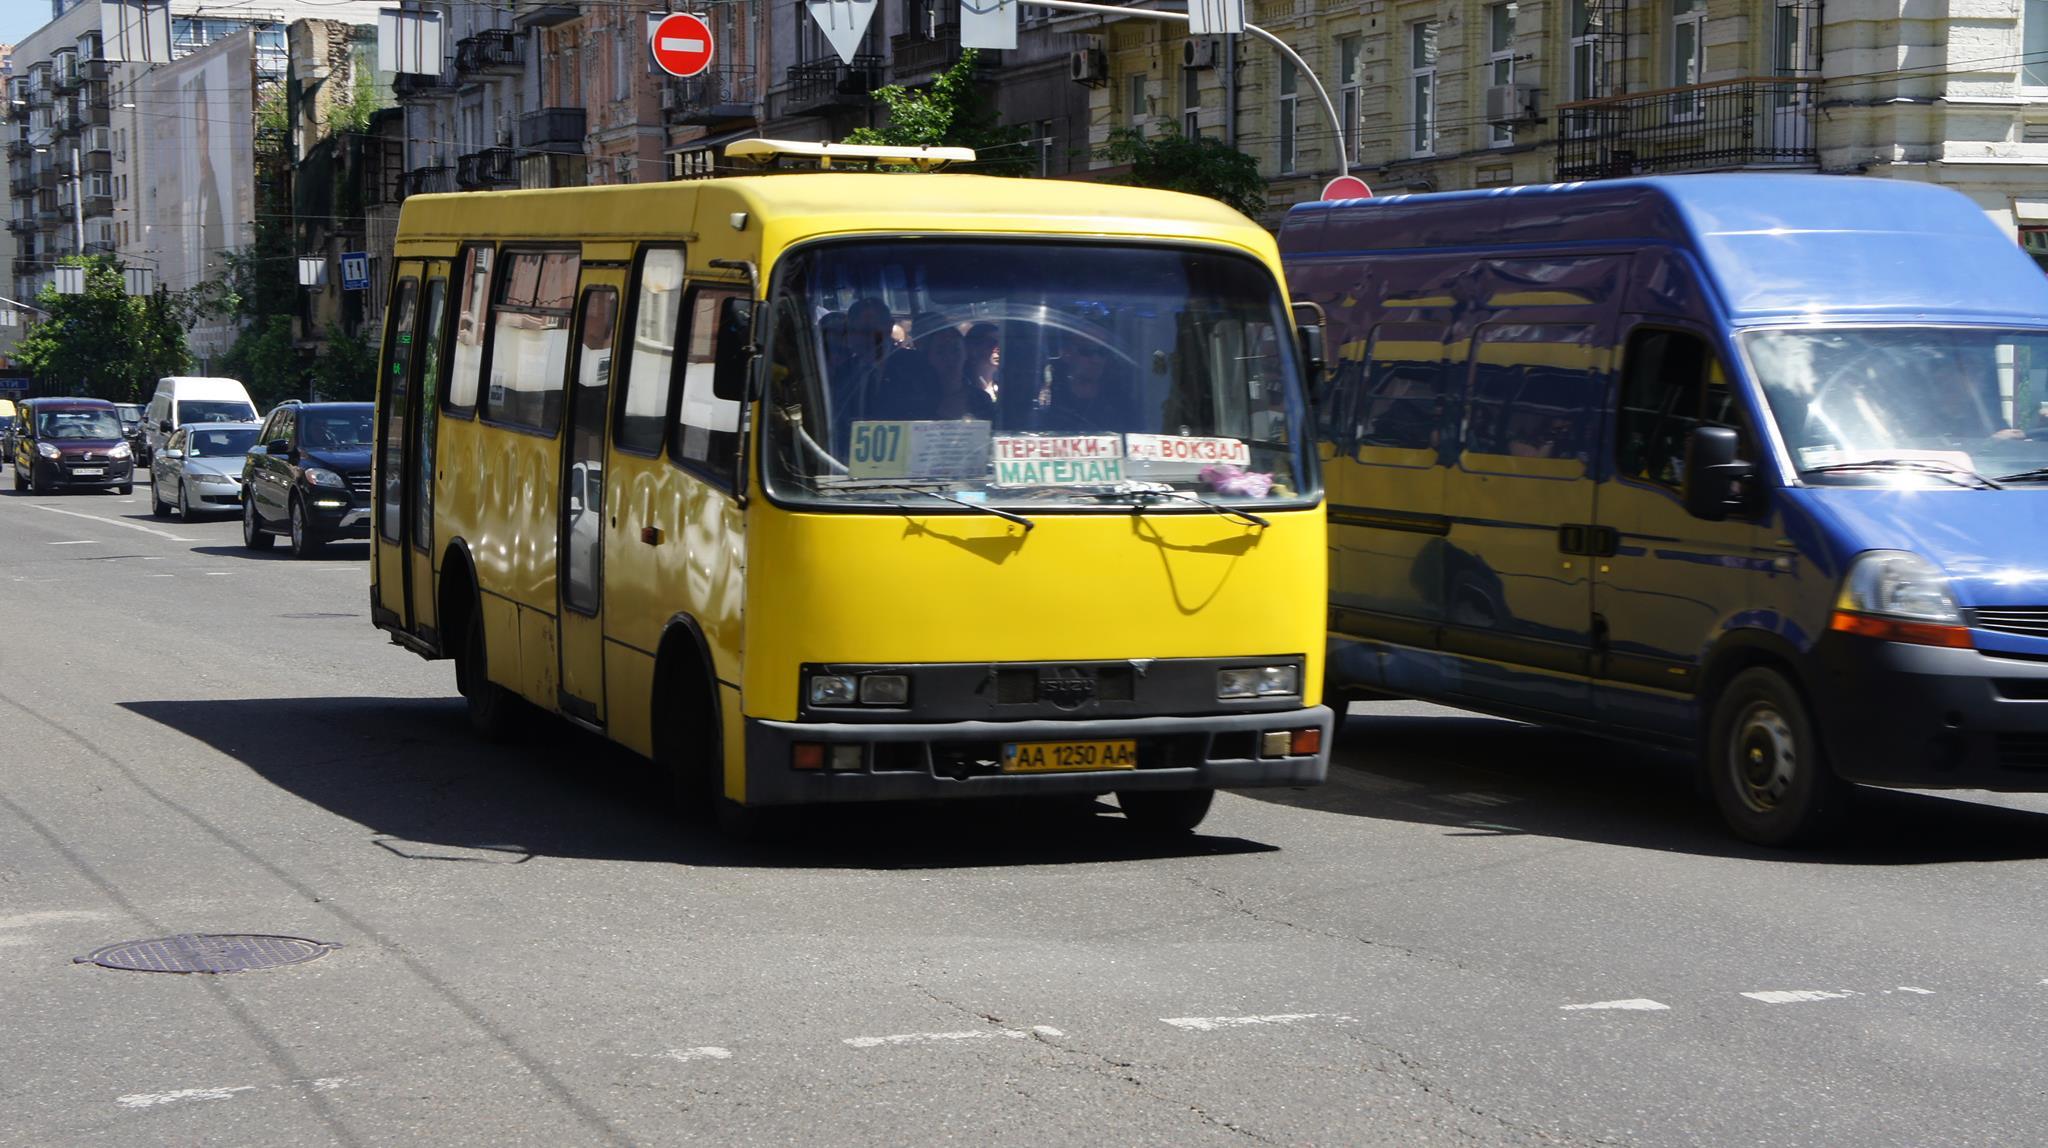 Депутаты хотят жестче наказывать маршрутчиков за отказ в бесплатном проезде 1